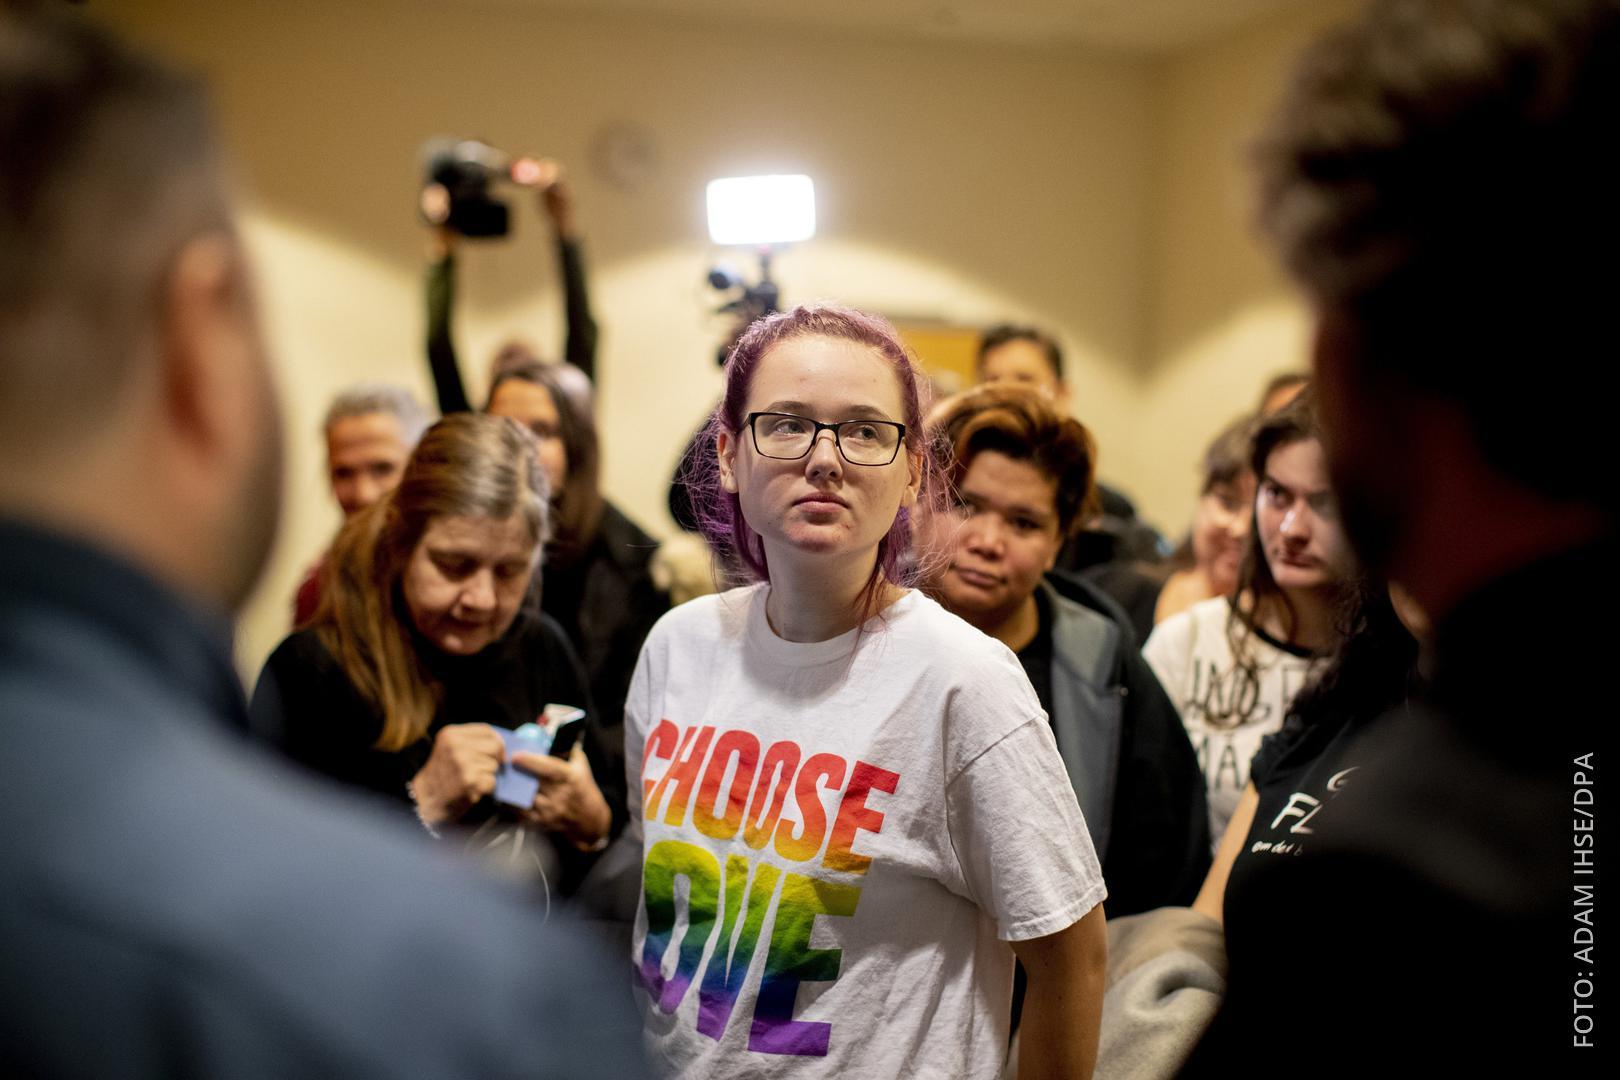 Elin Ersson steht im Gerichtsgebäude umringt von Menschen.